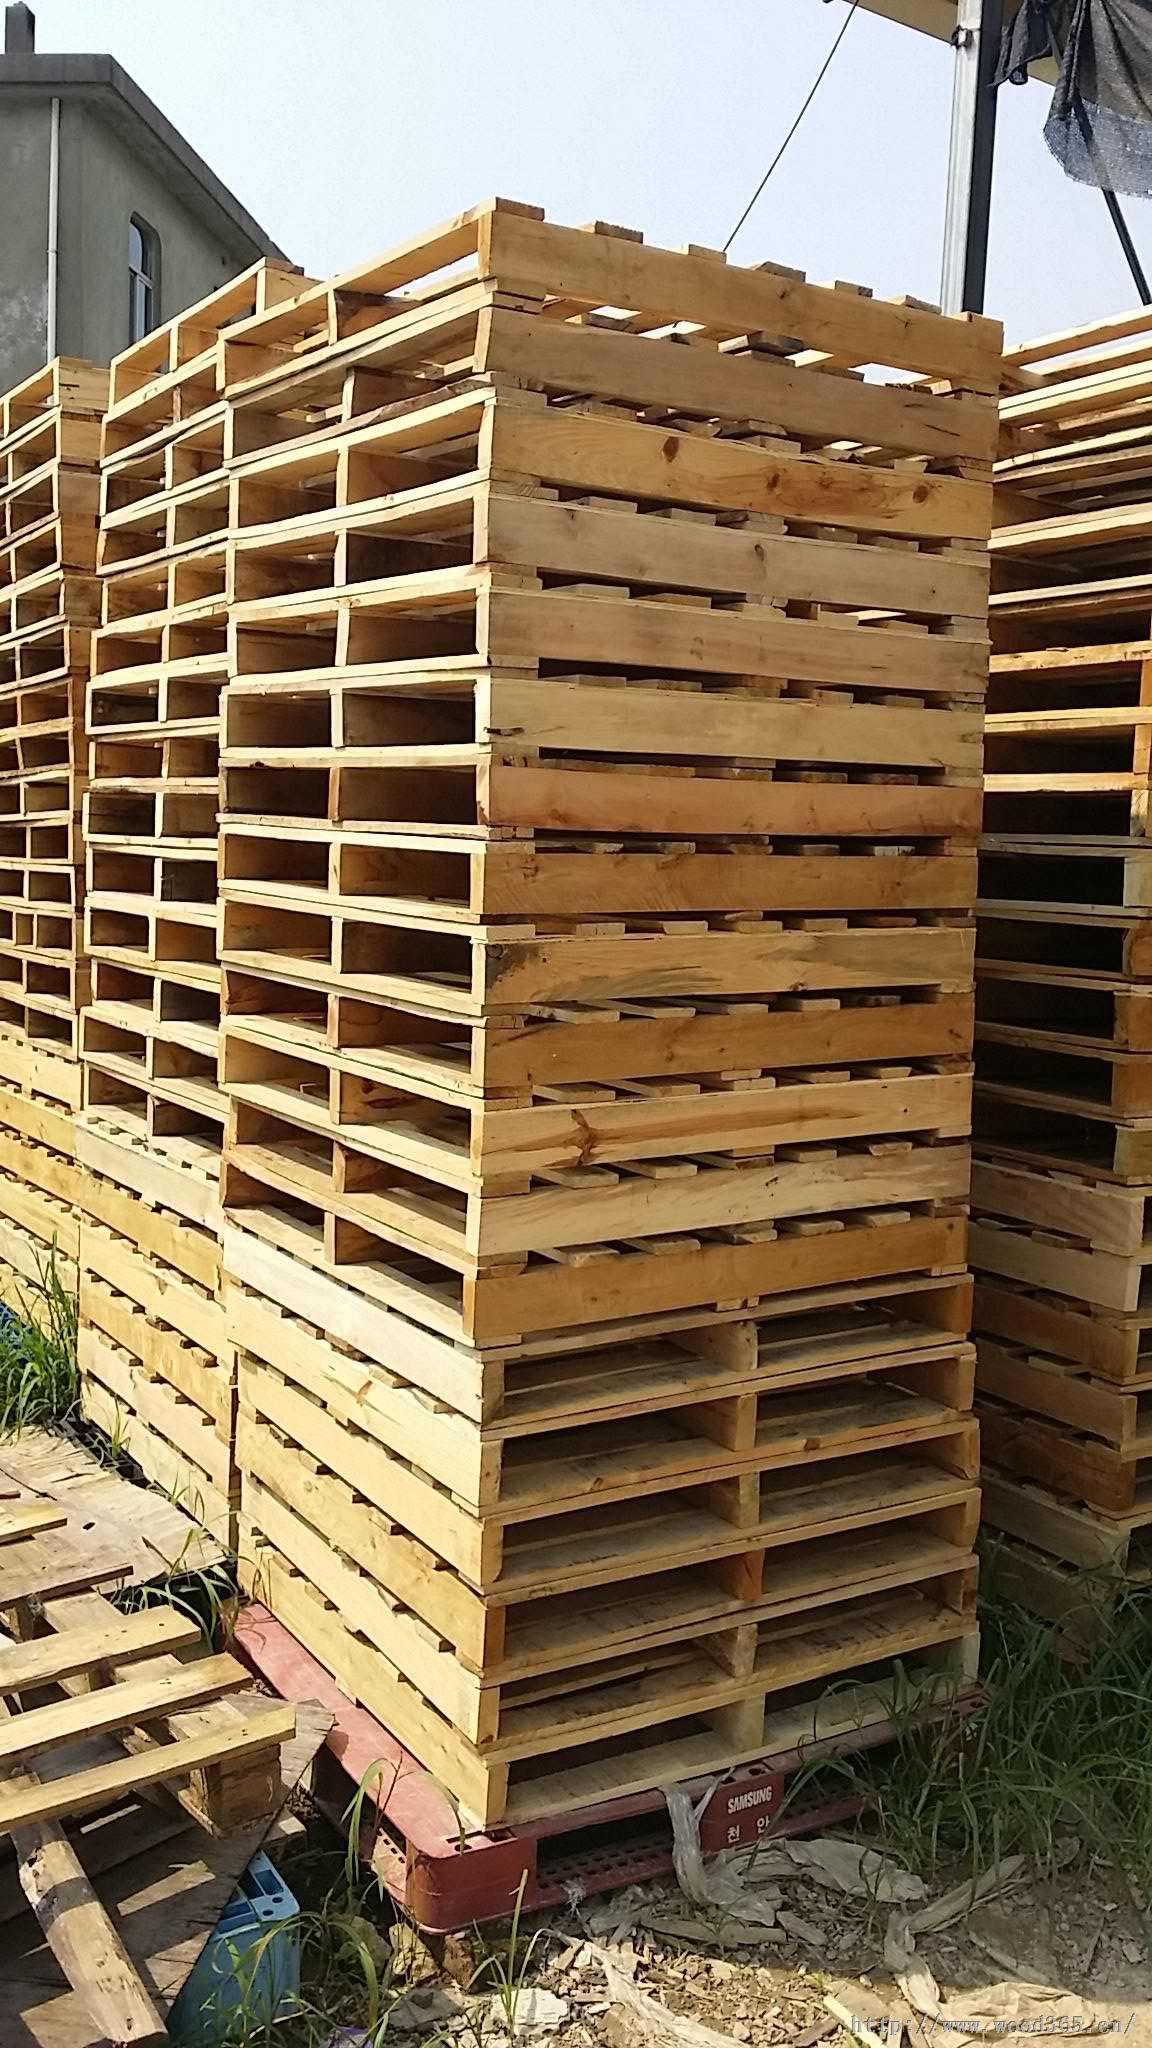 福清木托盘有限公司生产纯实木托盘,厂家直销防潮木托盘